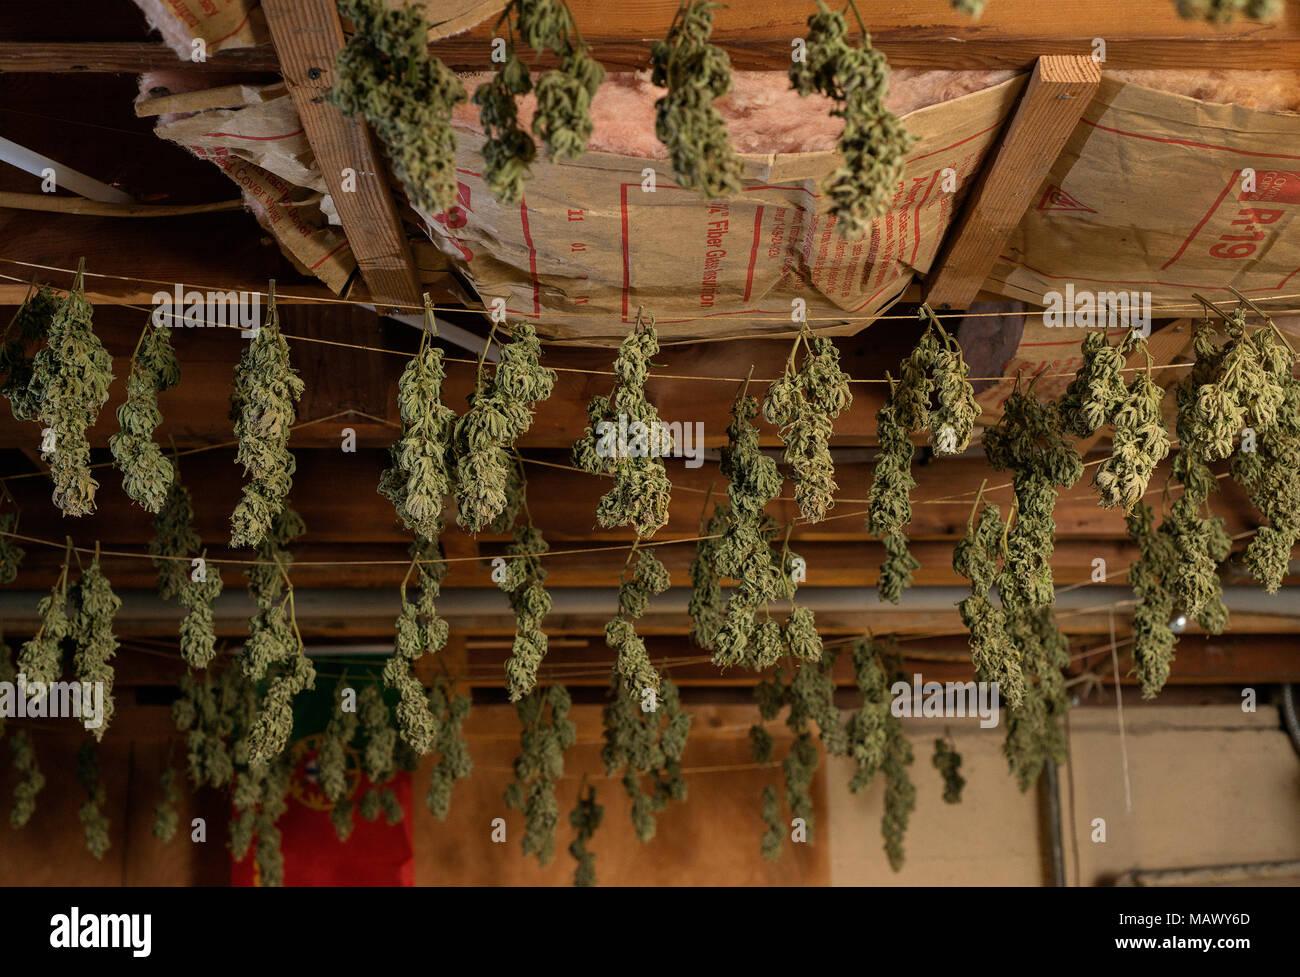 Pflanzen Trocknen medizinisches marihuana pflanzen trocknen im wachsen stockfoto bild